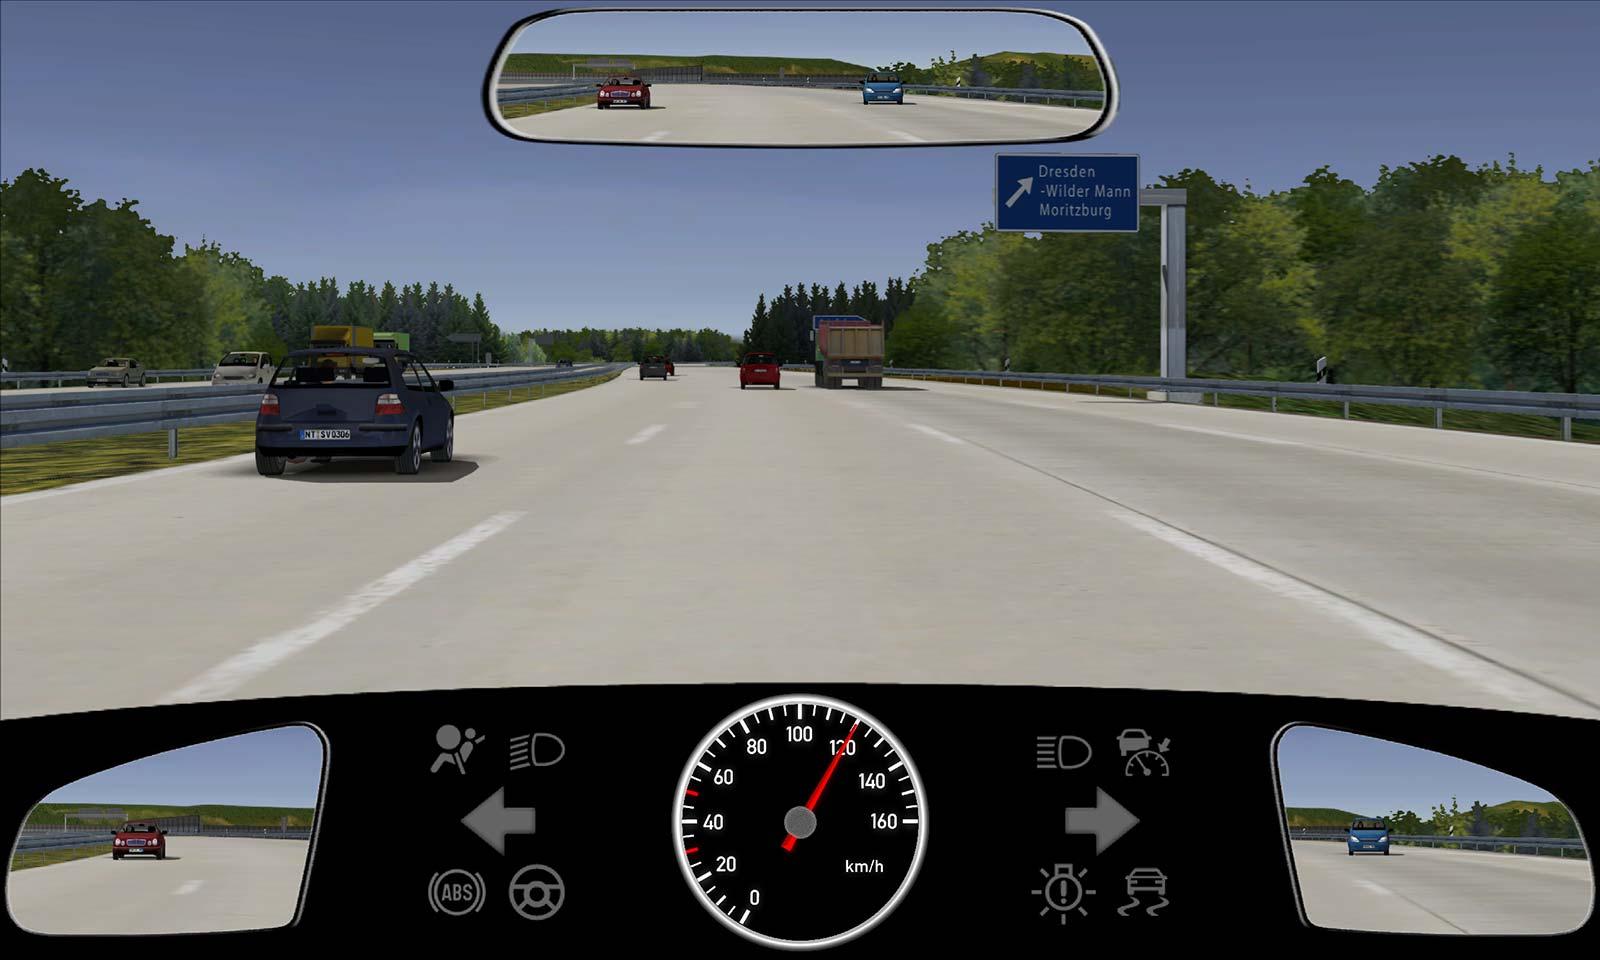 Rechts überholen Auf Der Autobahn